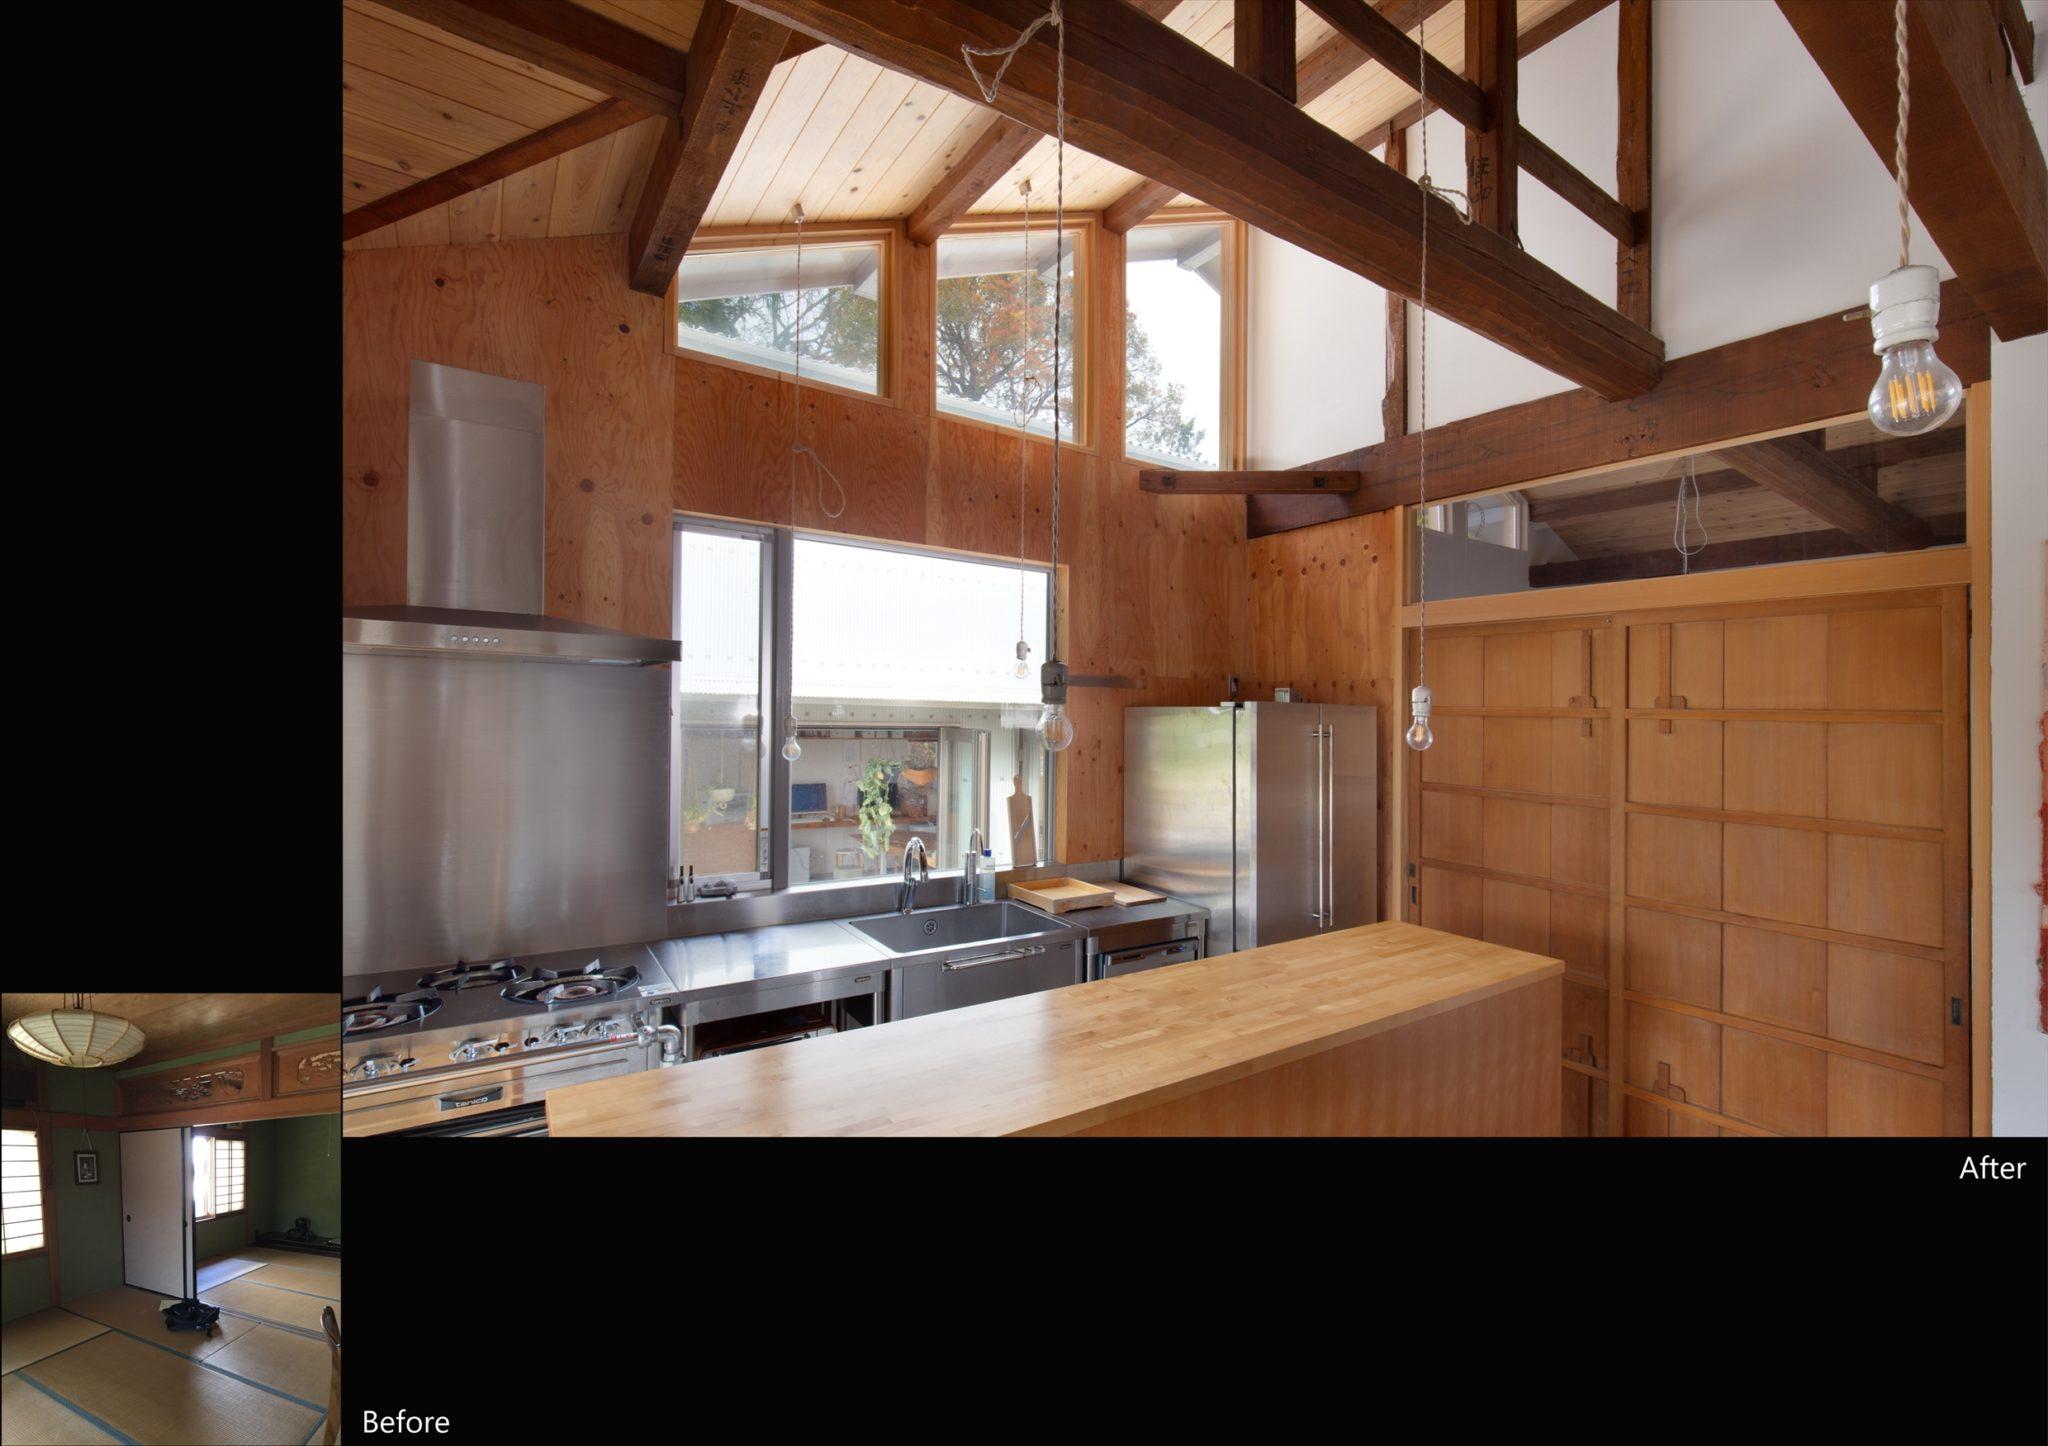 旧吉沿いの木立越しに空の見えるキッチン。 右の建具は元雨戸。寝室へ。